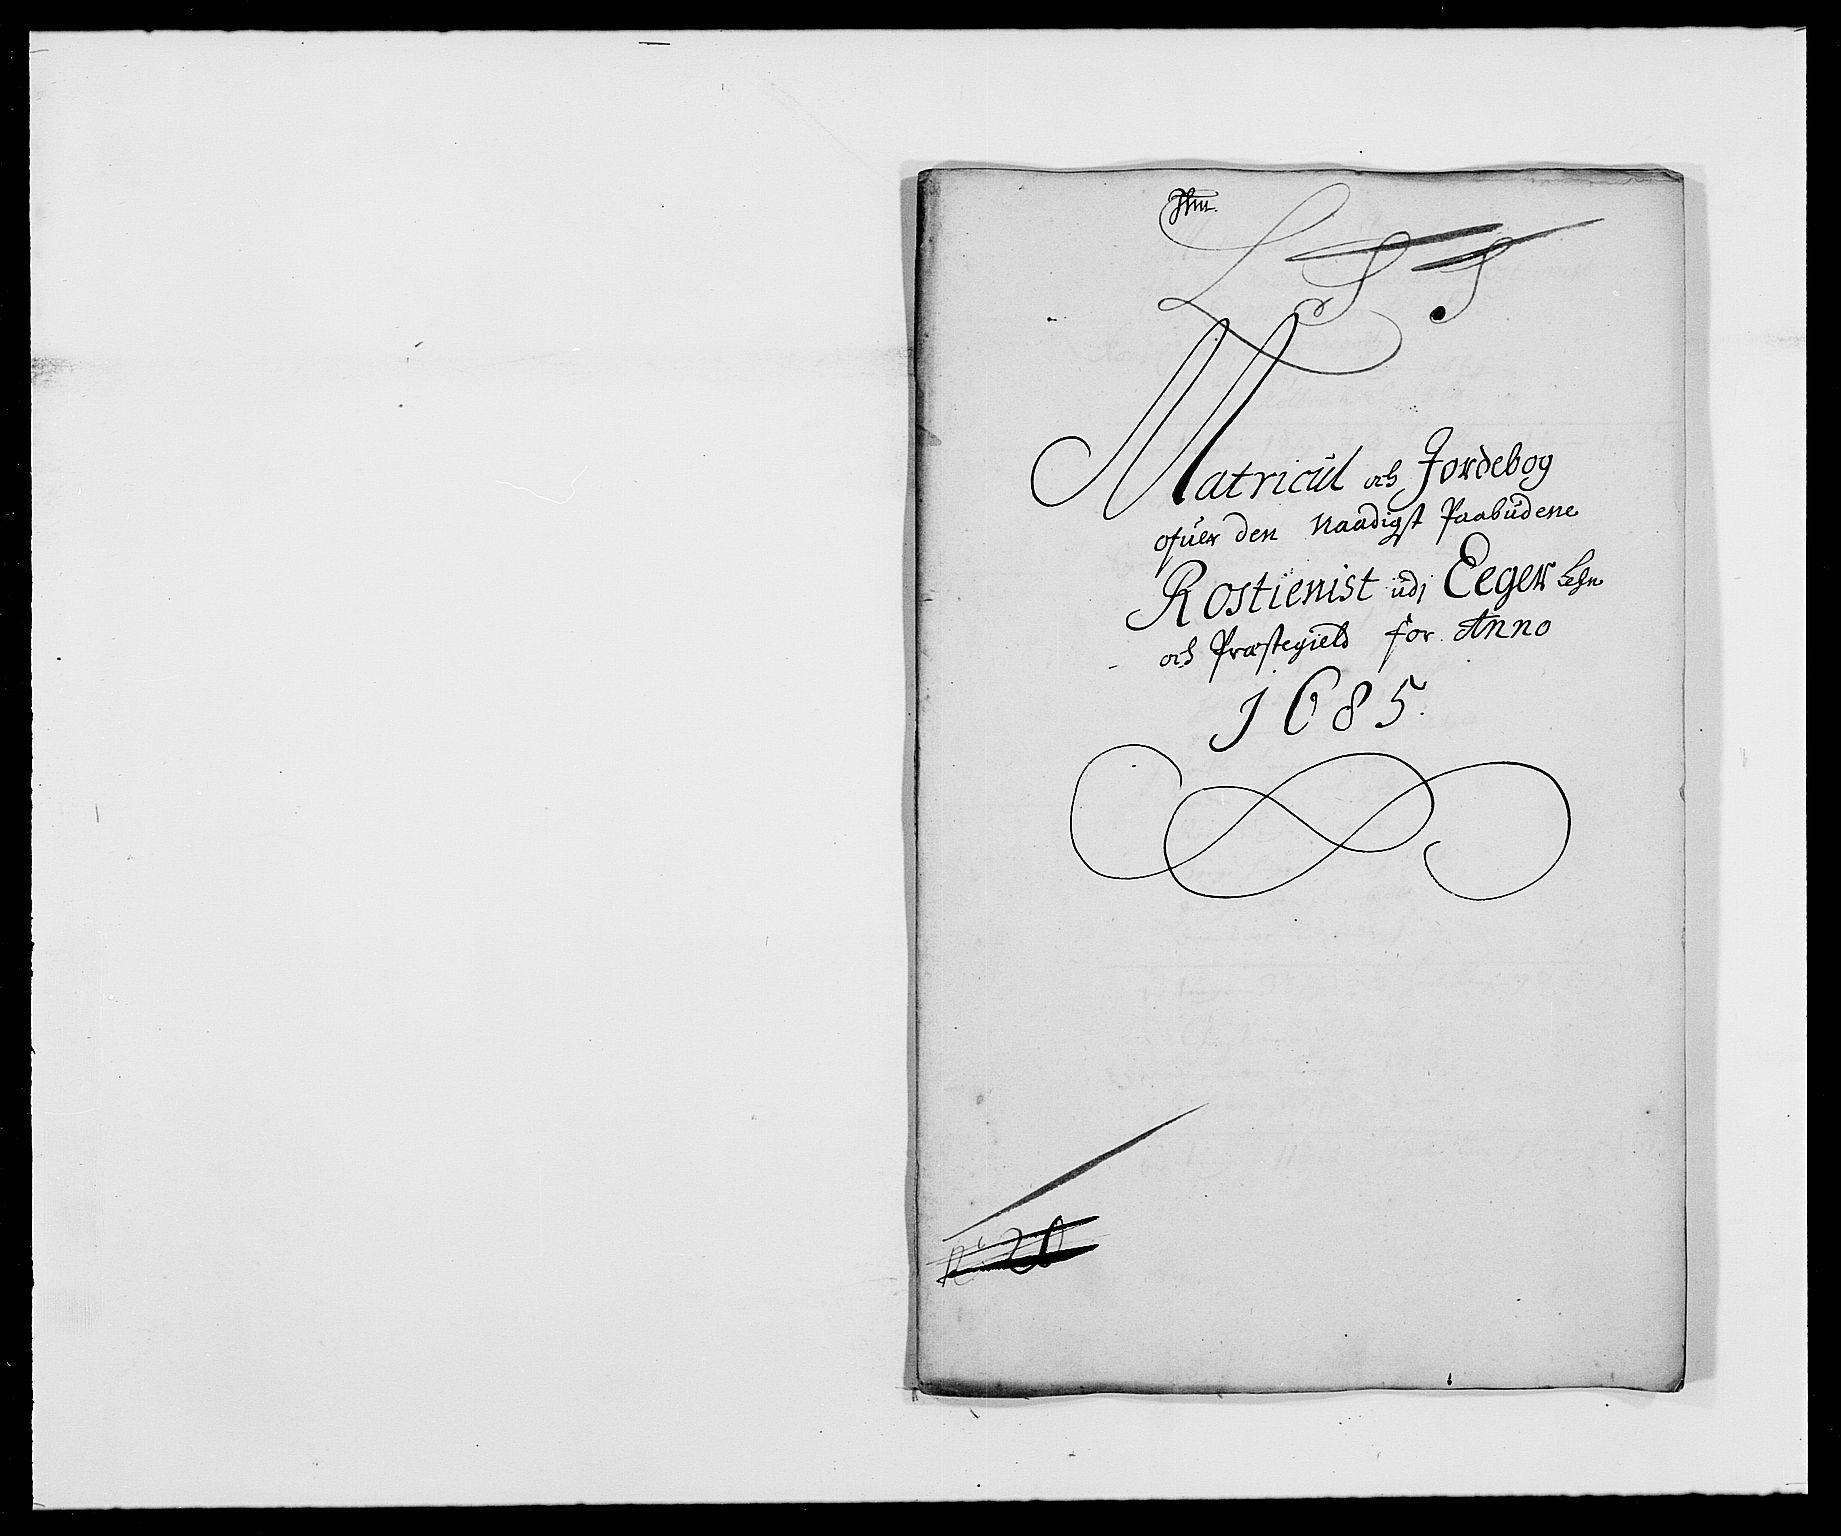 RA, Rentekammeret inntil 1814, Reviderte regnskaper, Fogderegnskap, R26/L1685: Fogderegnskap Eiker, 1679-1686, s. 135